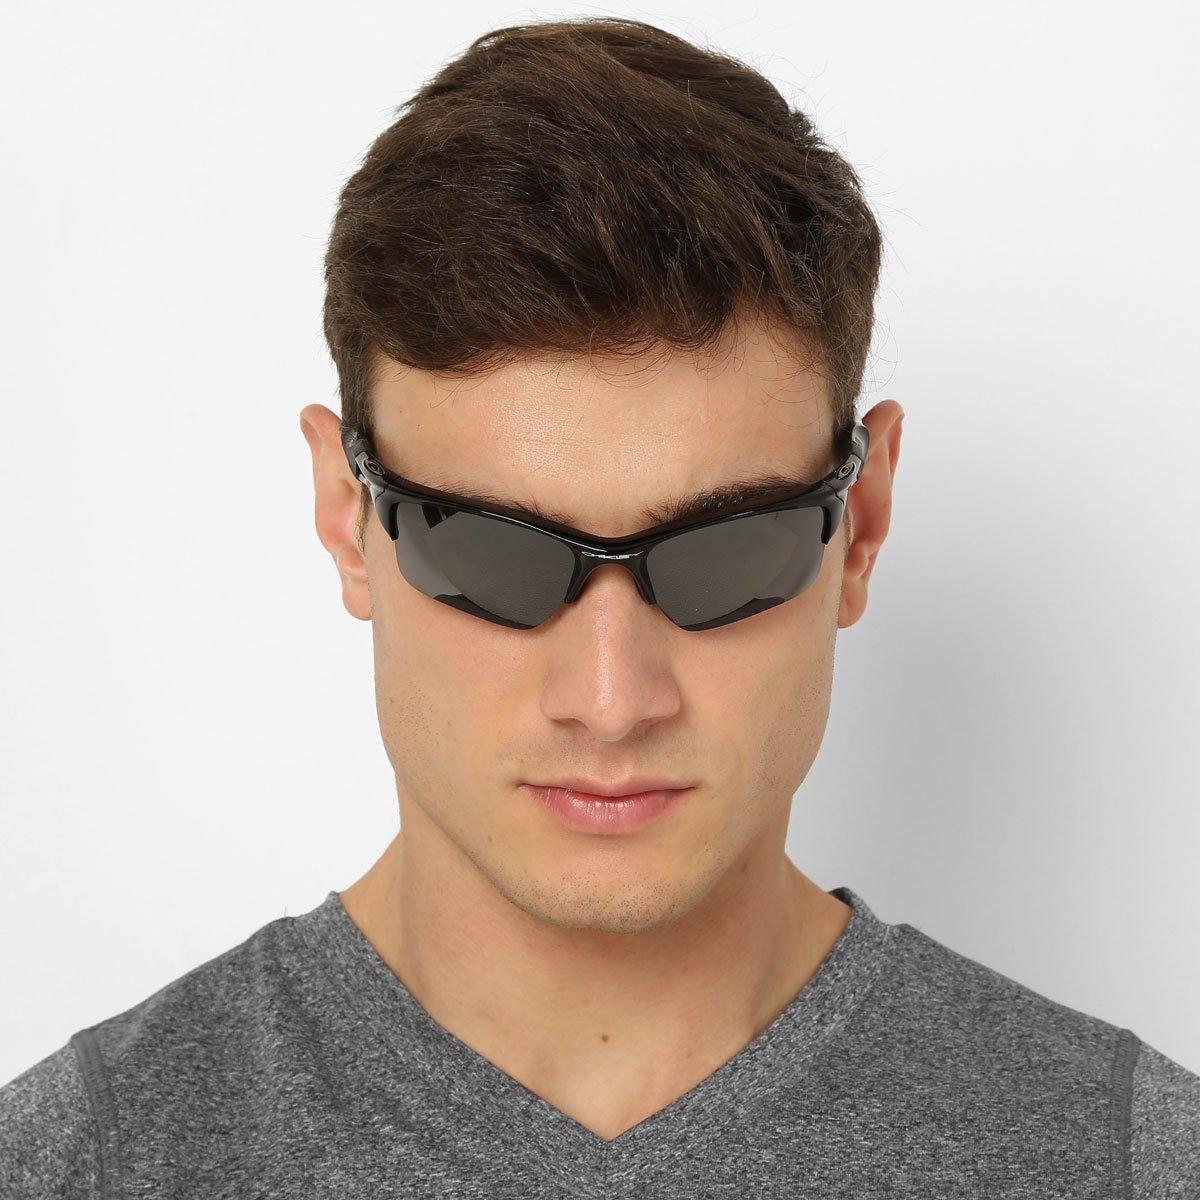 58220573790b9 Óculos Oakley Half Jacket 2.0 XL - Compre Agora   Netshoes